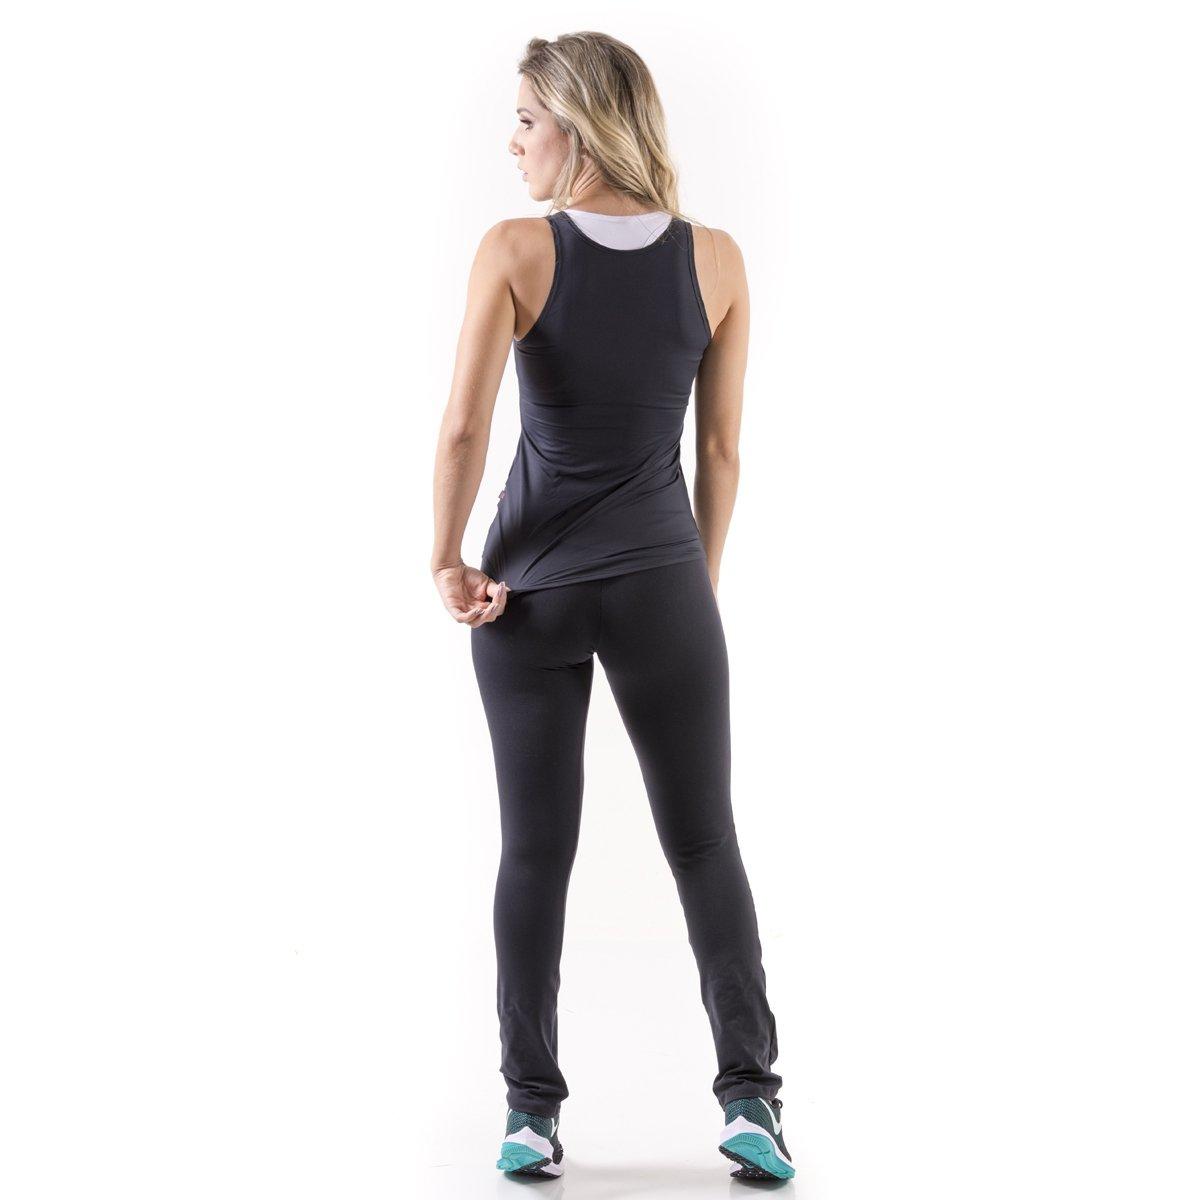 Regata mama latina b sica fitness preto compre agora netshoes - Agora piscina latina ...